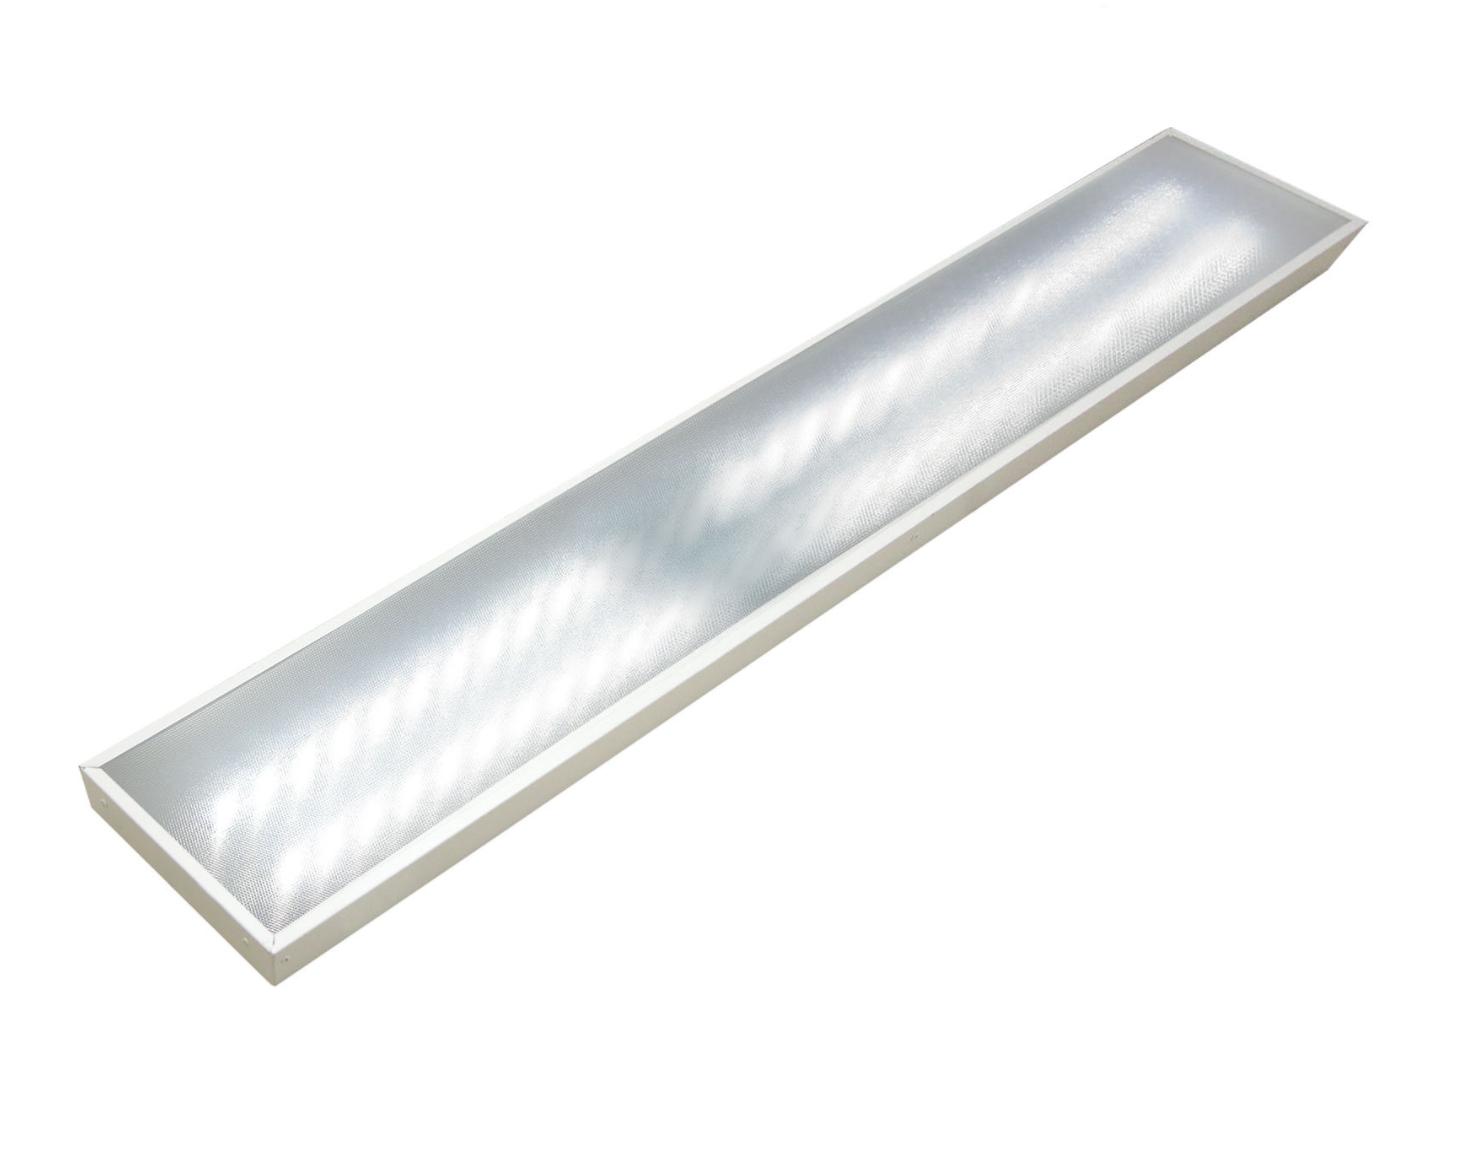 Офисный светодиодный светильник Айсберг Стандарт-40 40Вт 4565Лм